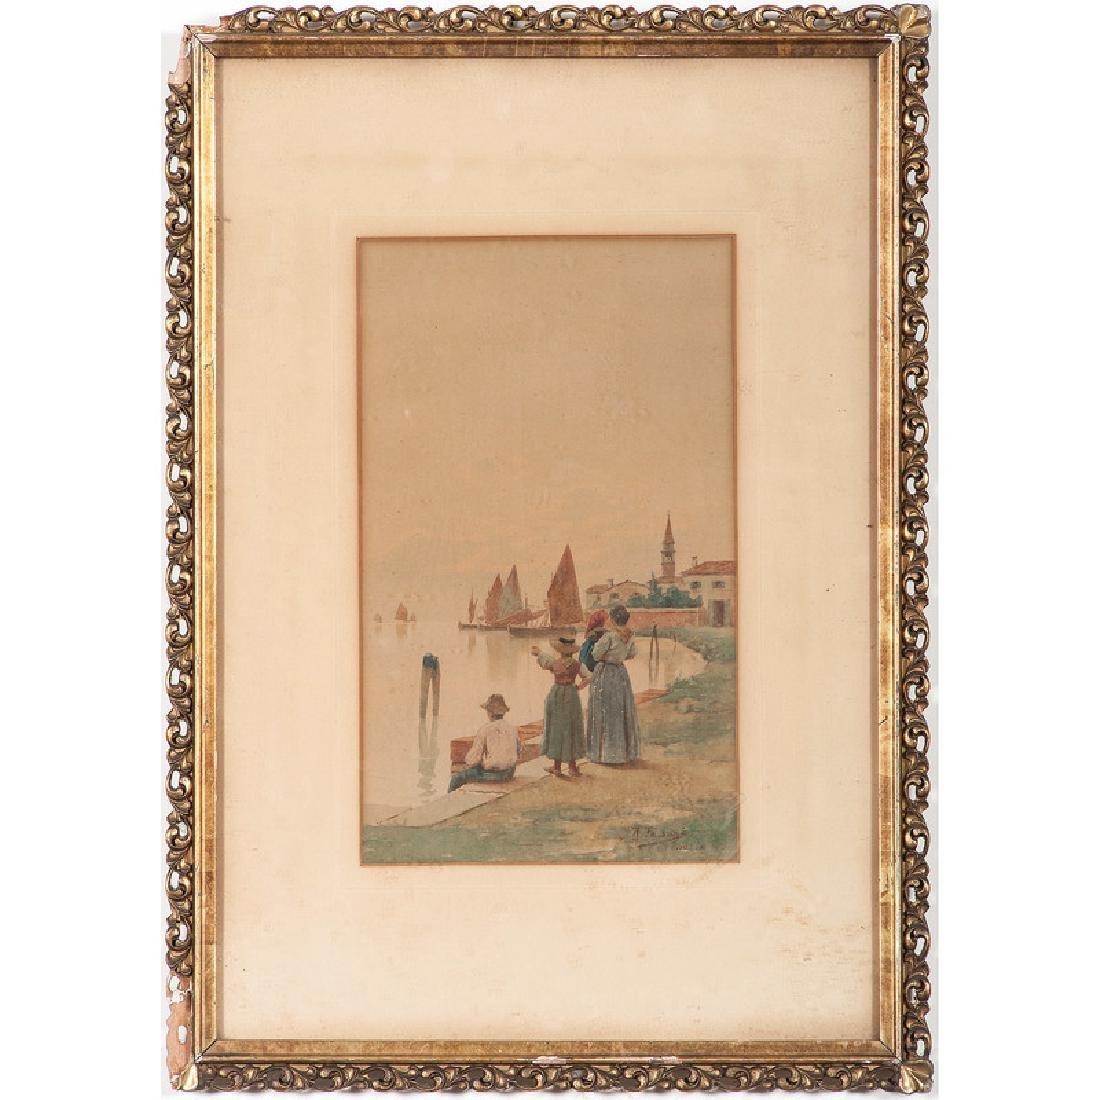 Romolo Tessari (Italian, 1868-1947) and Andrea - 2